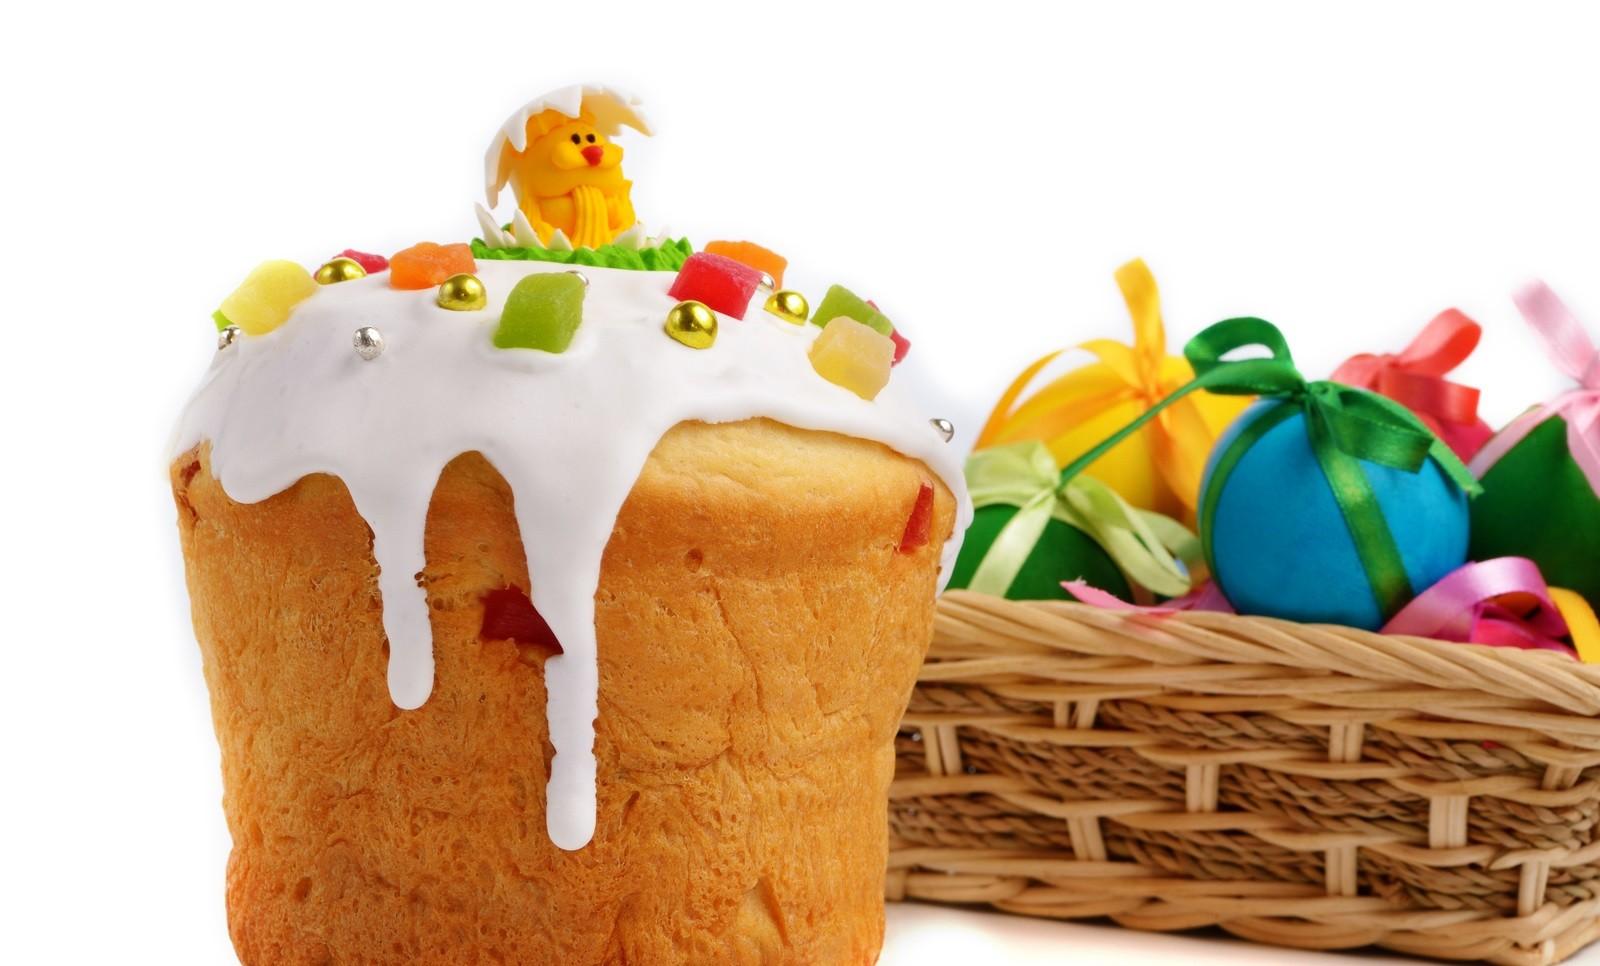 Низкокалорийные рецепты праздничных блюд: как приготовить диетический кулич, наиболее популярные рецепты праздничного блюда